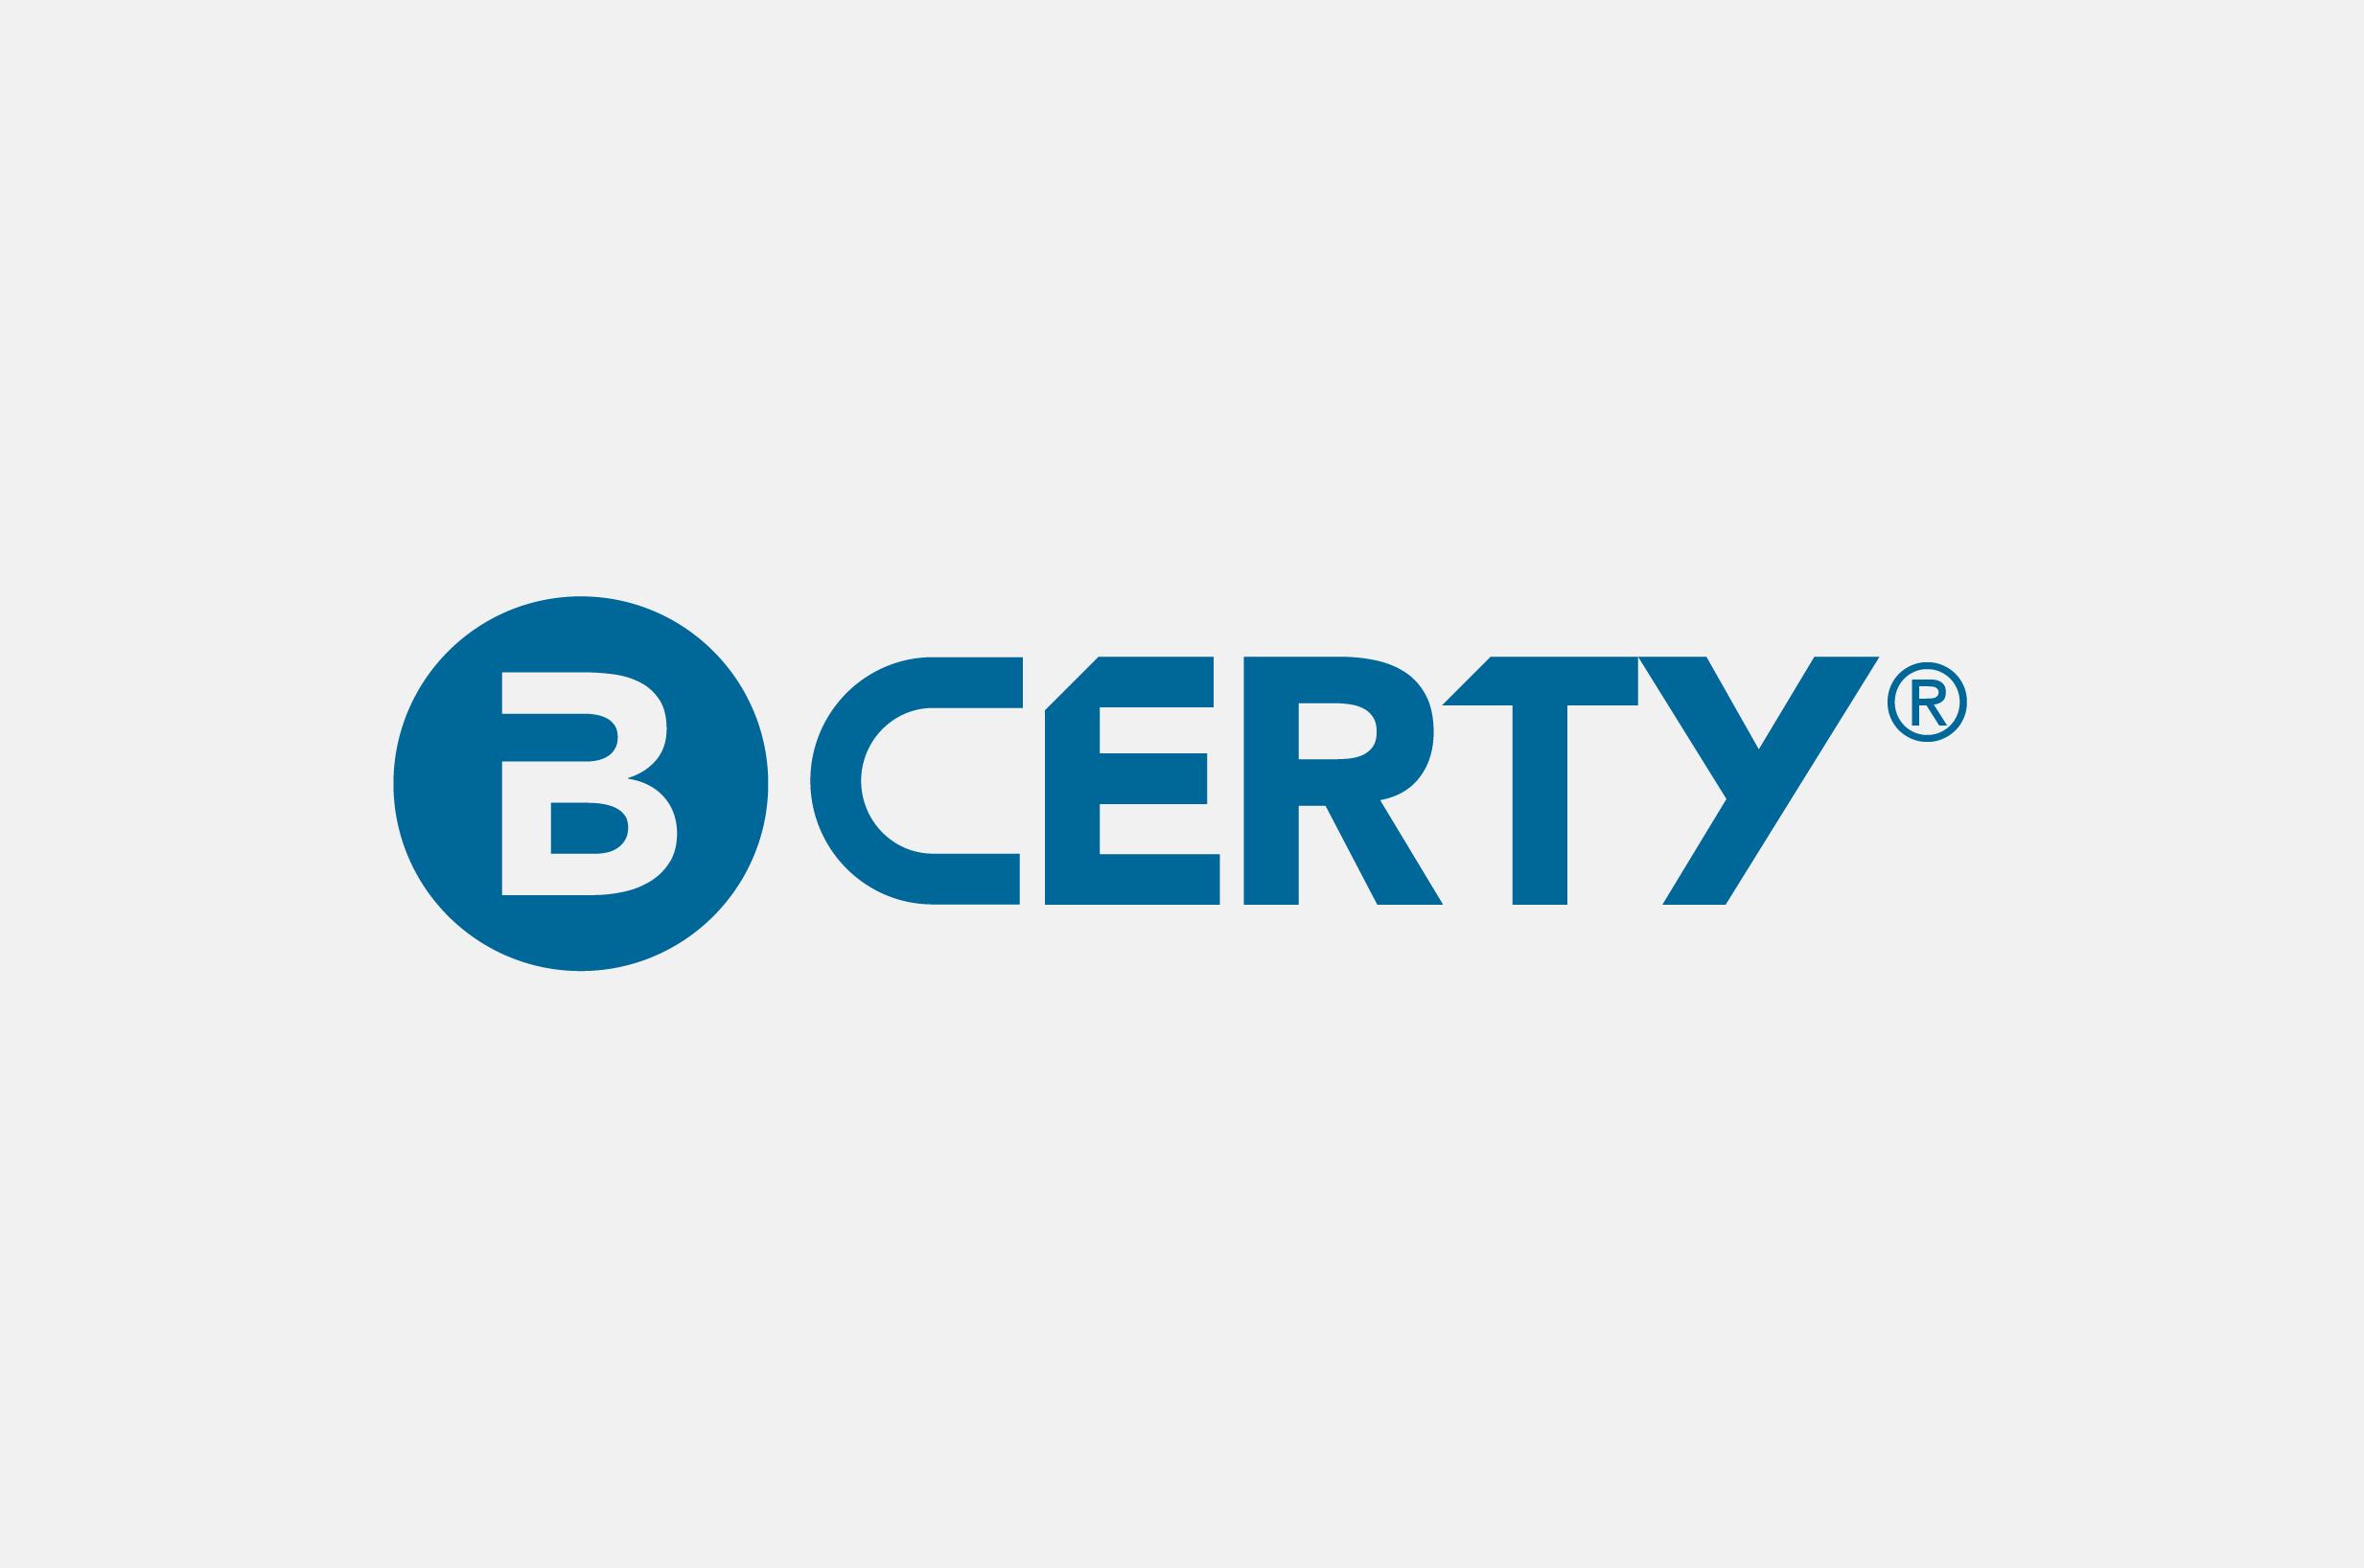 B Certy